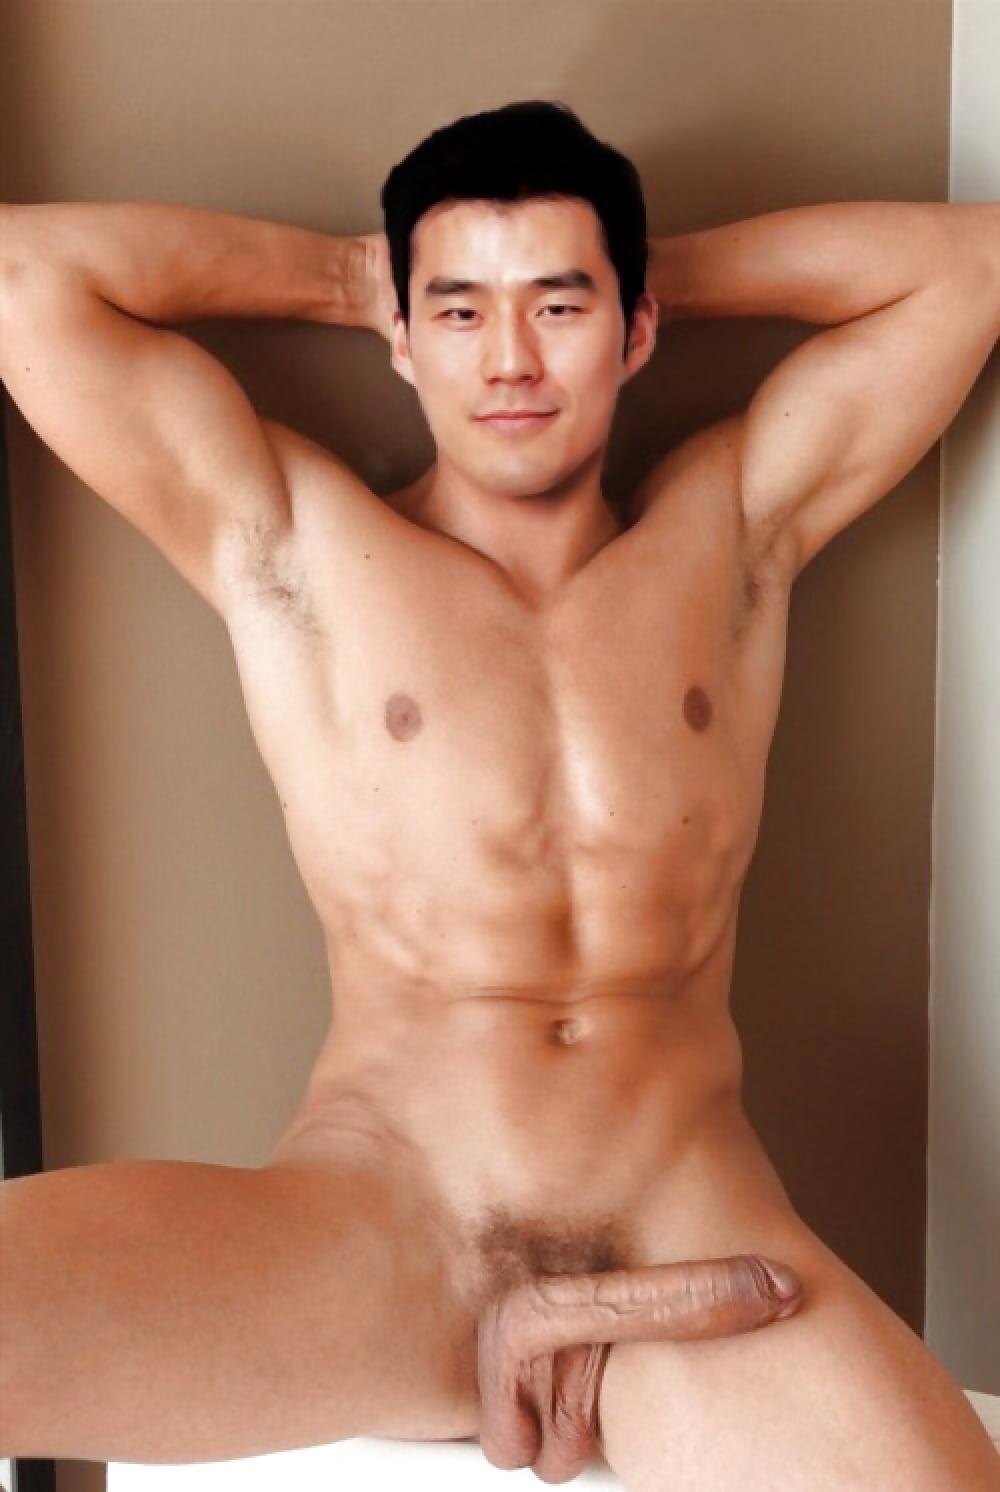 Boy xxx naked big butt japanese girls nude busty asian